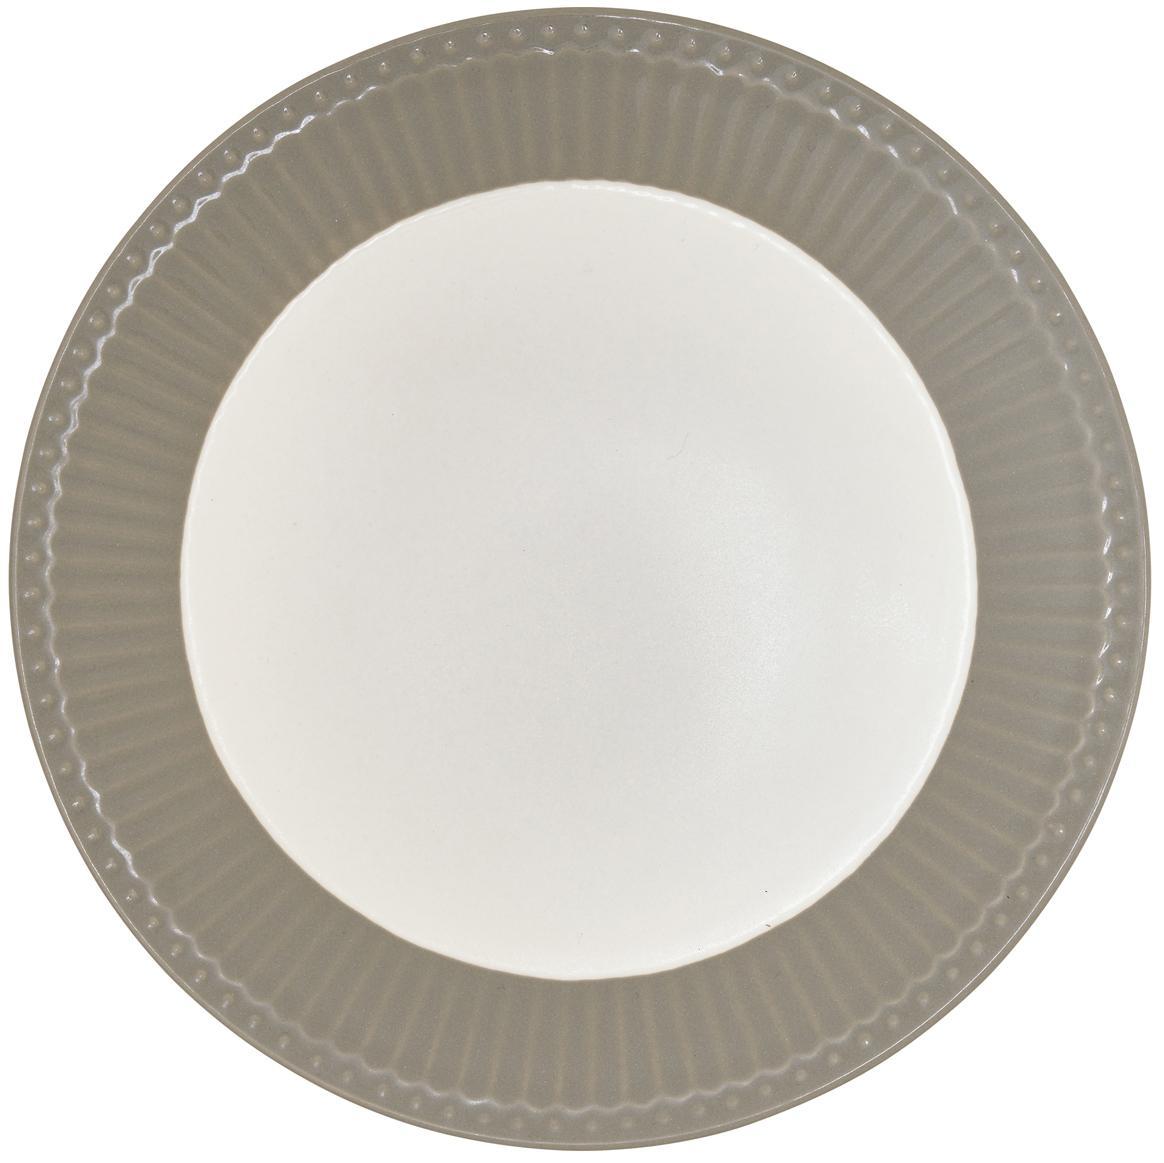 Piattino da dessert grigio Alice 2 pz, Terracotta, Grigio, bianco, Ø 23 cm